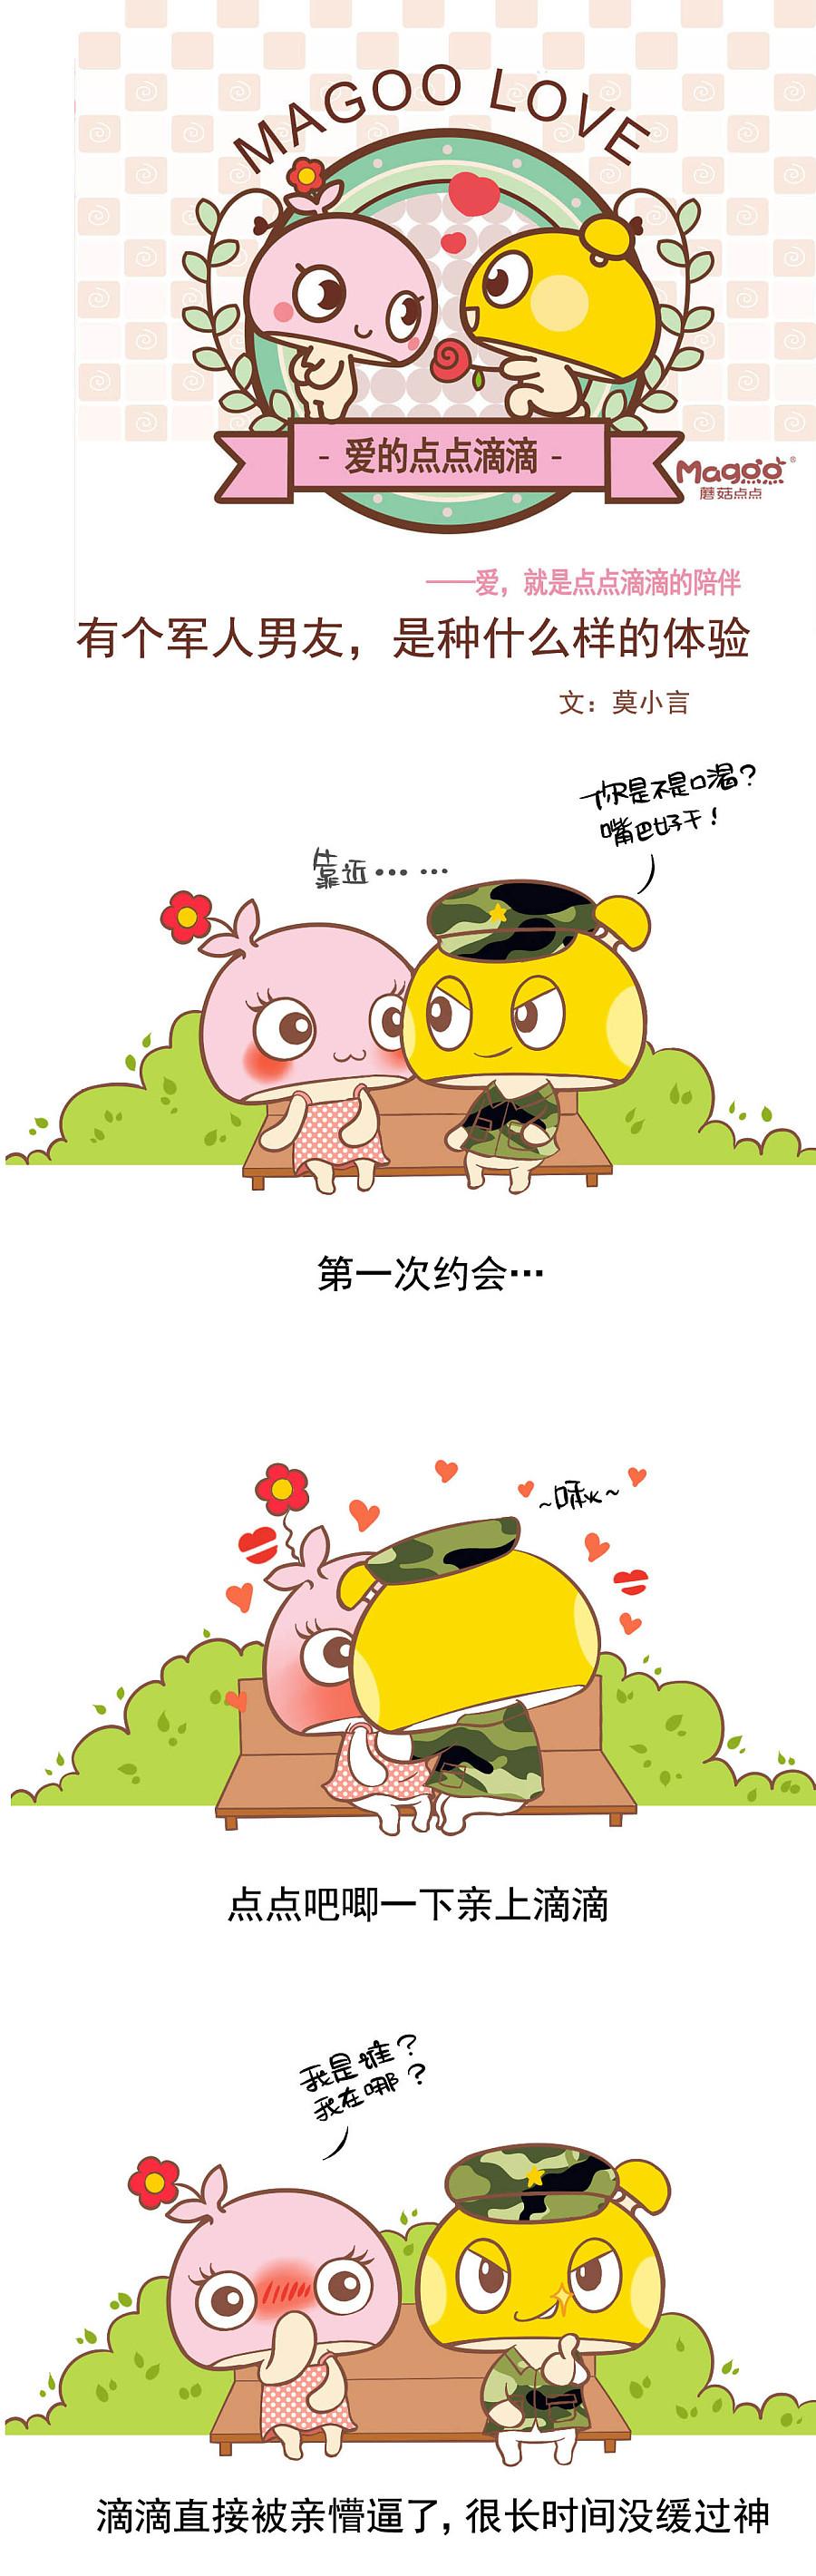 查看《蘑菇点点之爱的点点滴滴011~020》原图,原图尺寸:1280x4040